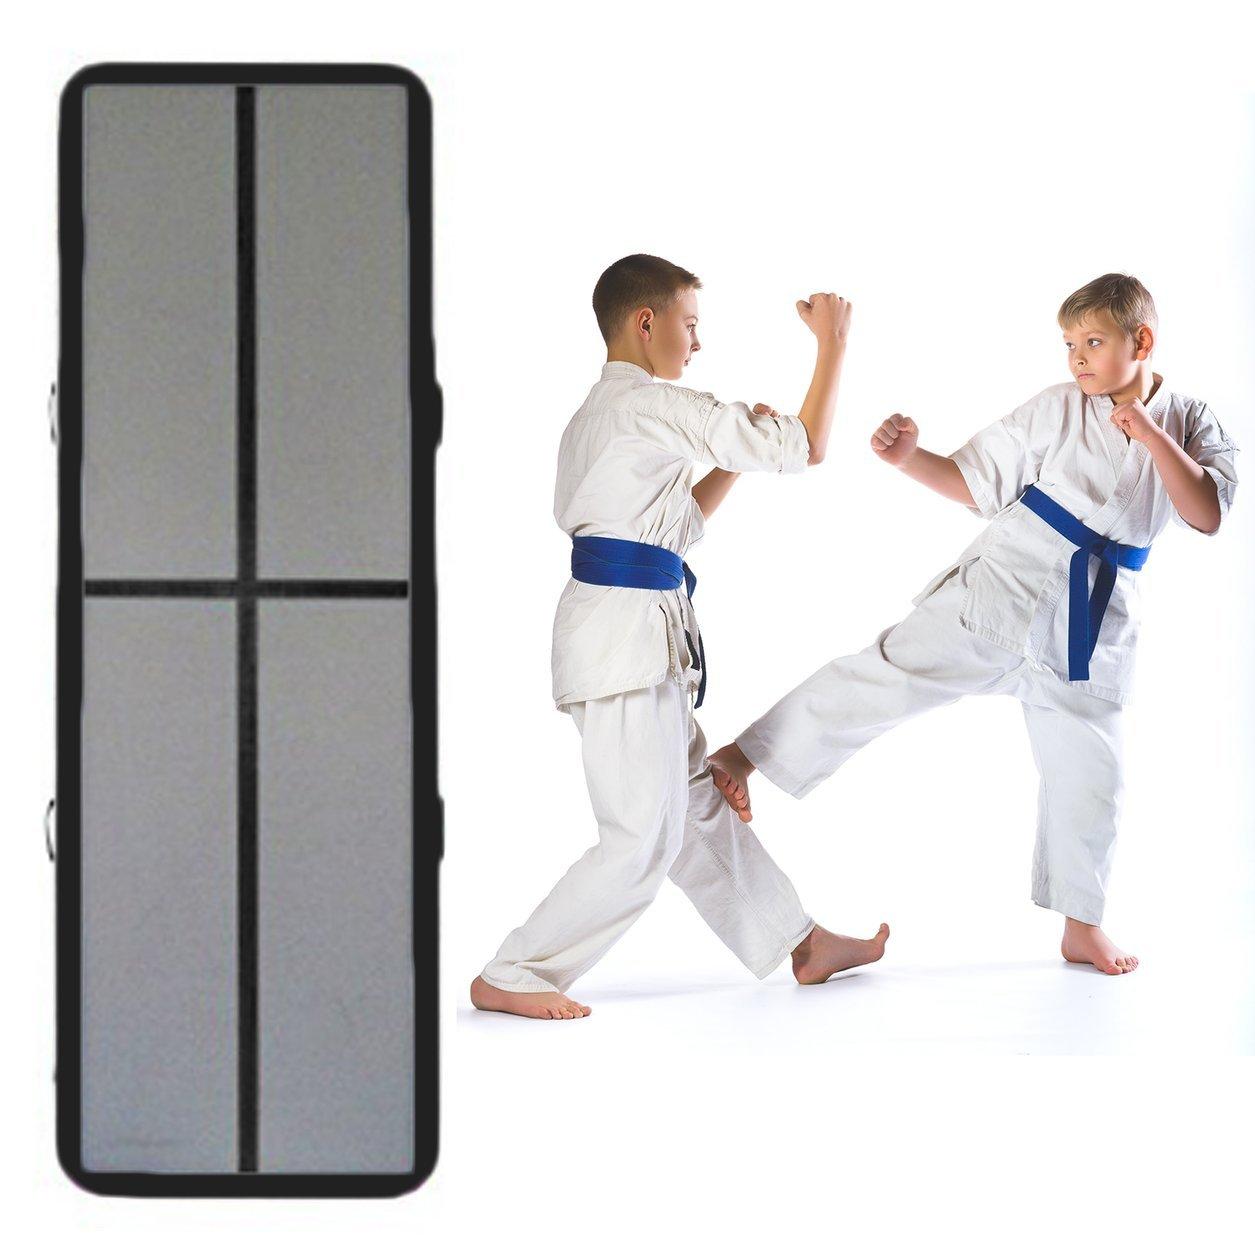 Dailyinshop Inflable Taekwondo Aire Pista colchoneta de Gimnasia Entrenamiento de Artes Marciales Colchón